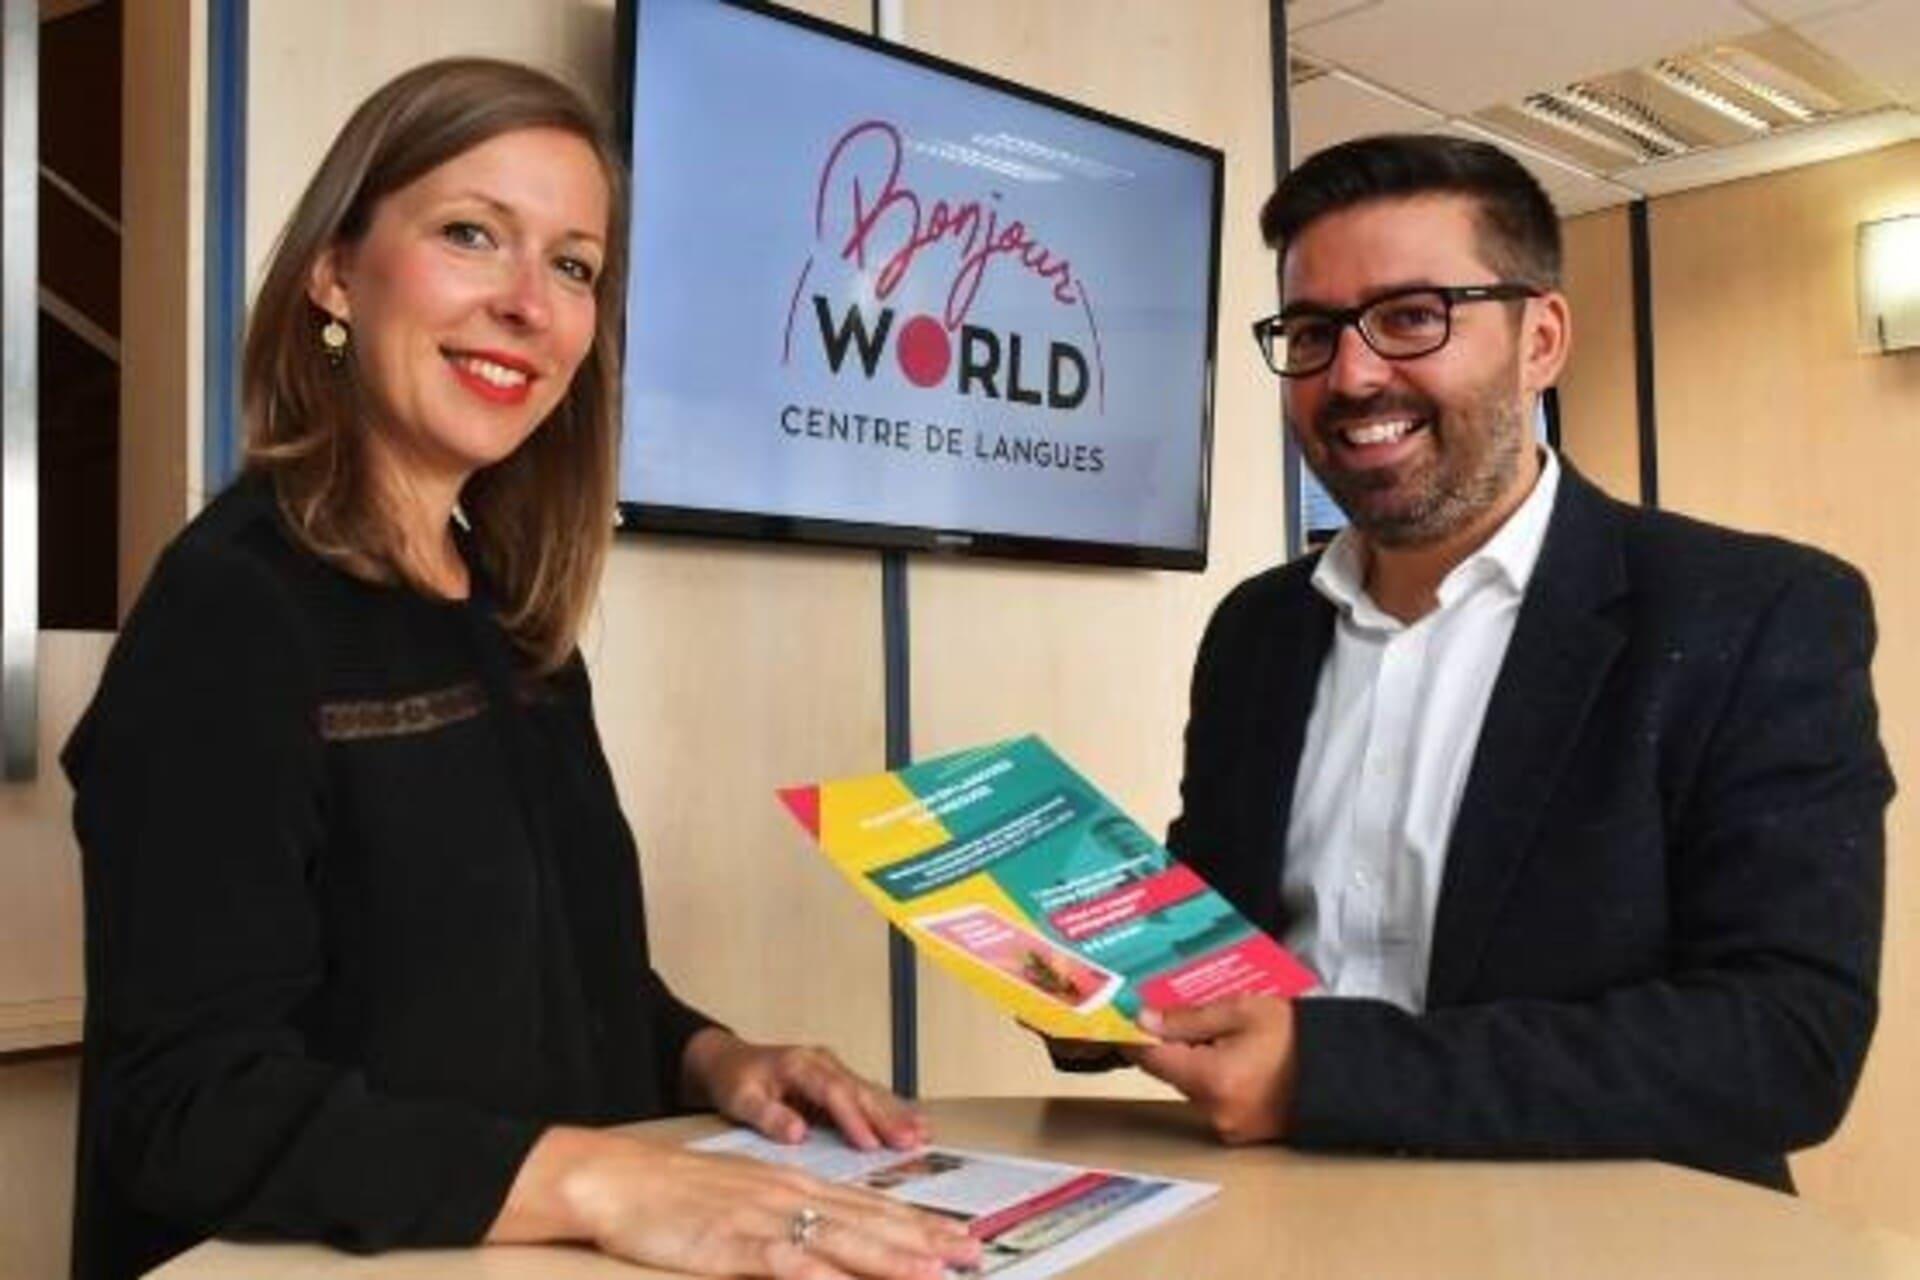 BONJOUR WORLD un centre de langues aux racines Auvergnates